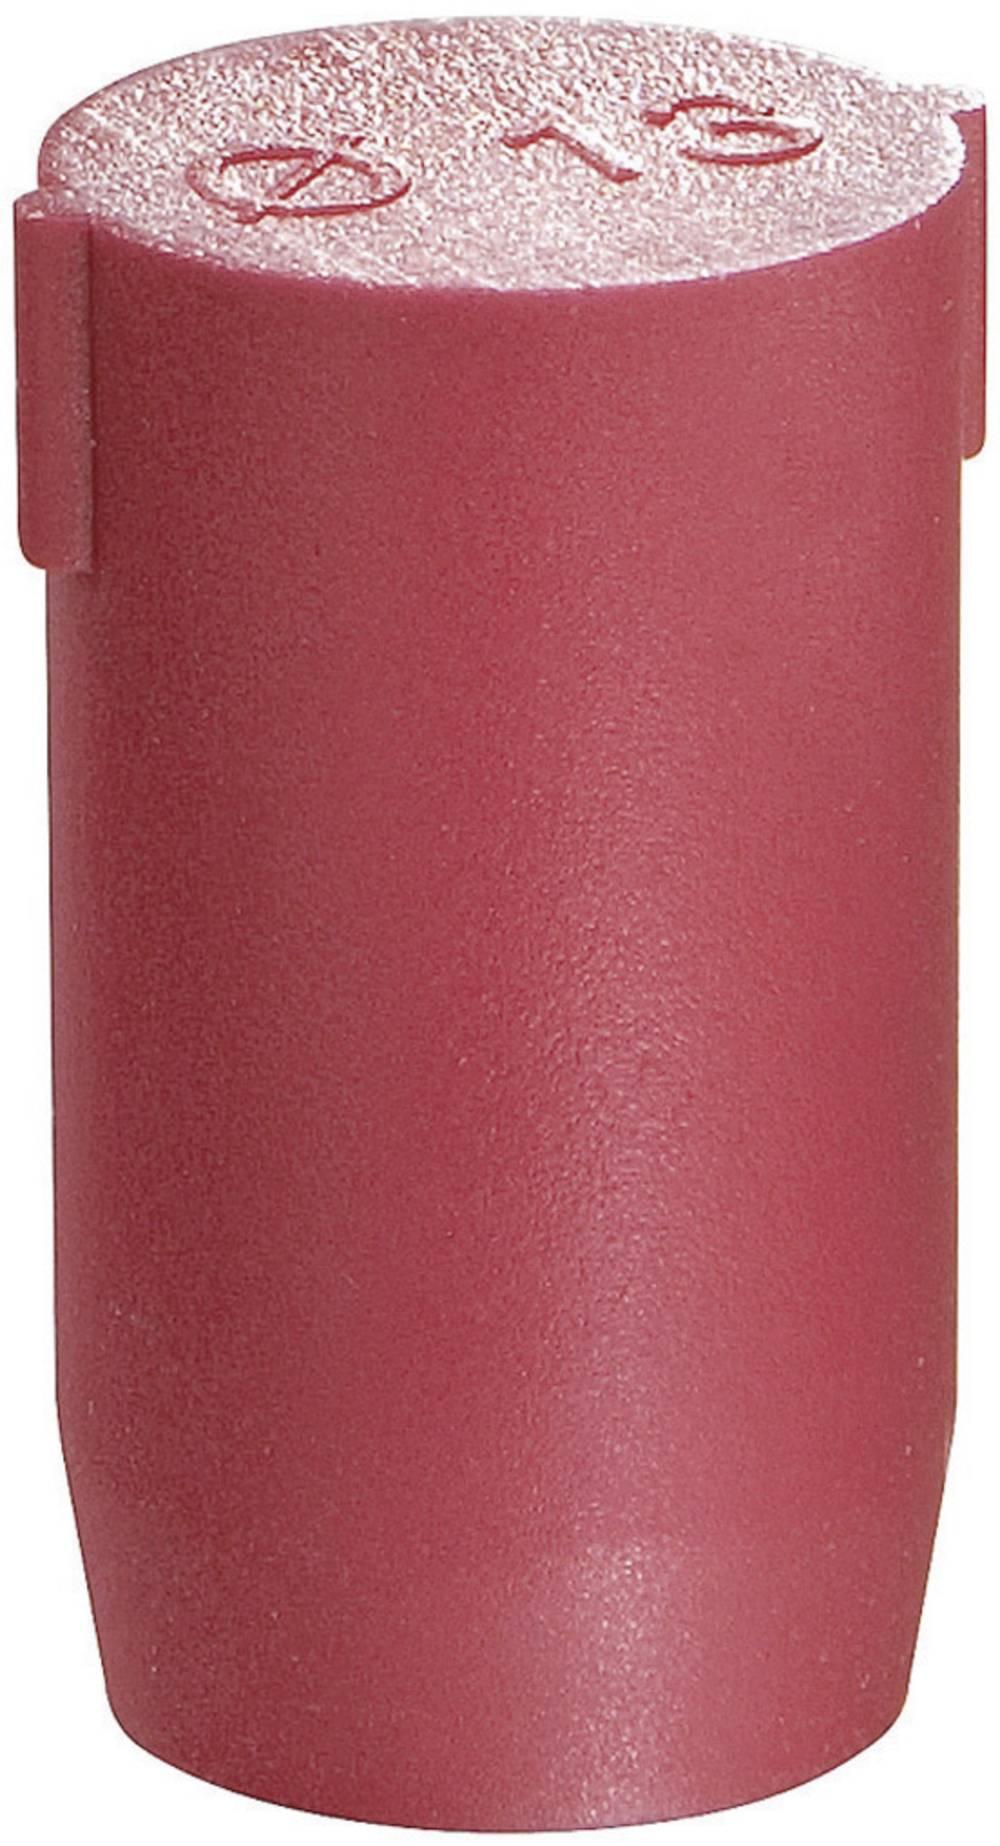 Pokrovček, poliamid rdeče barve Wiska BS 2 1 kos